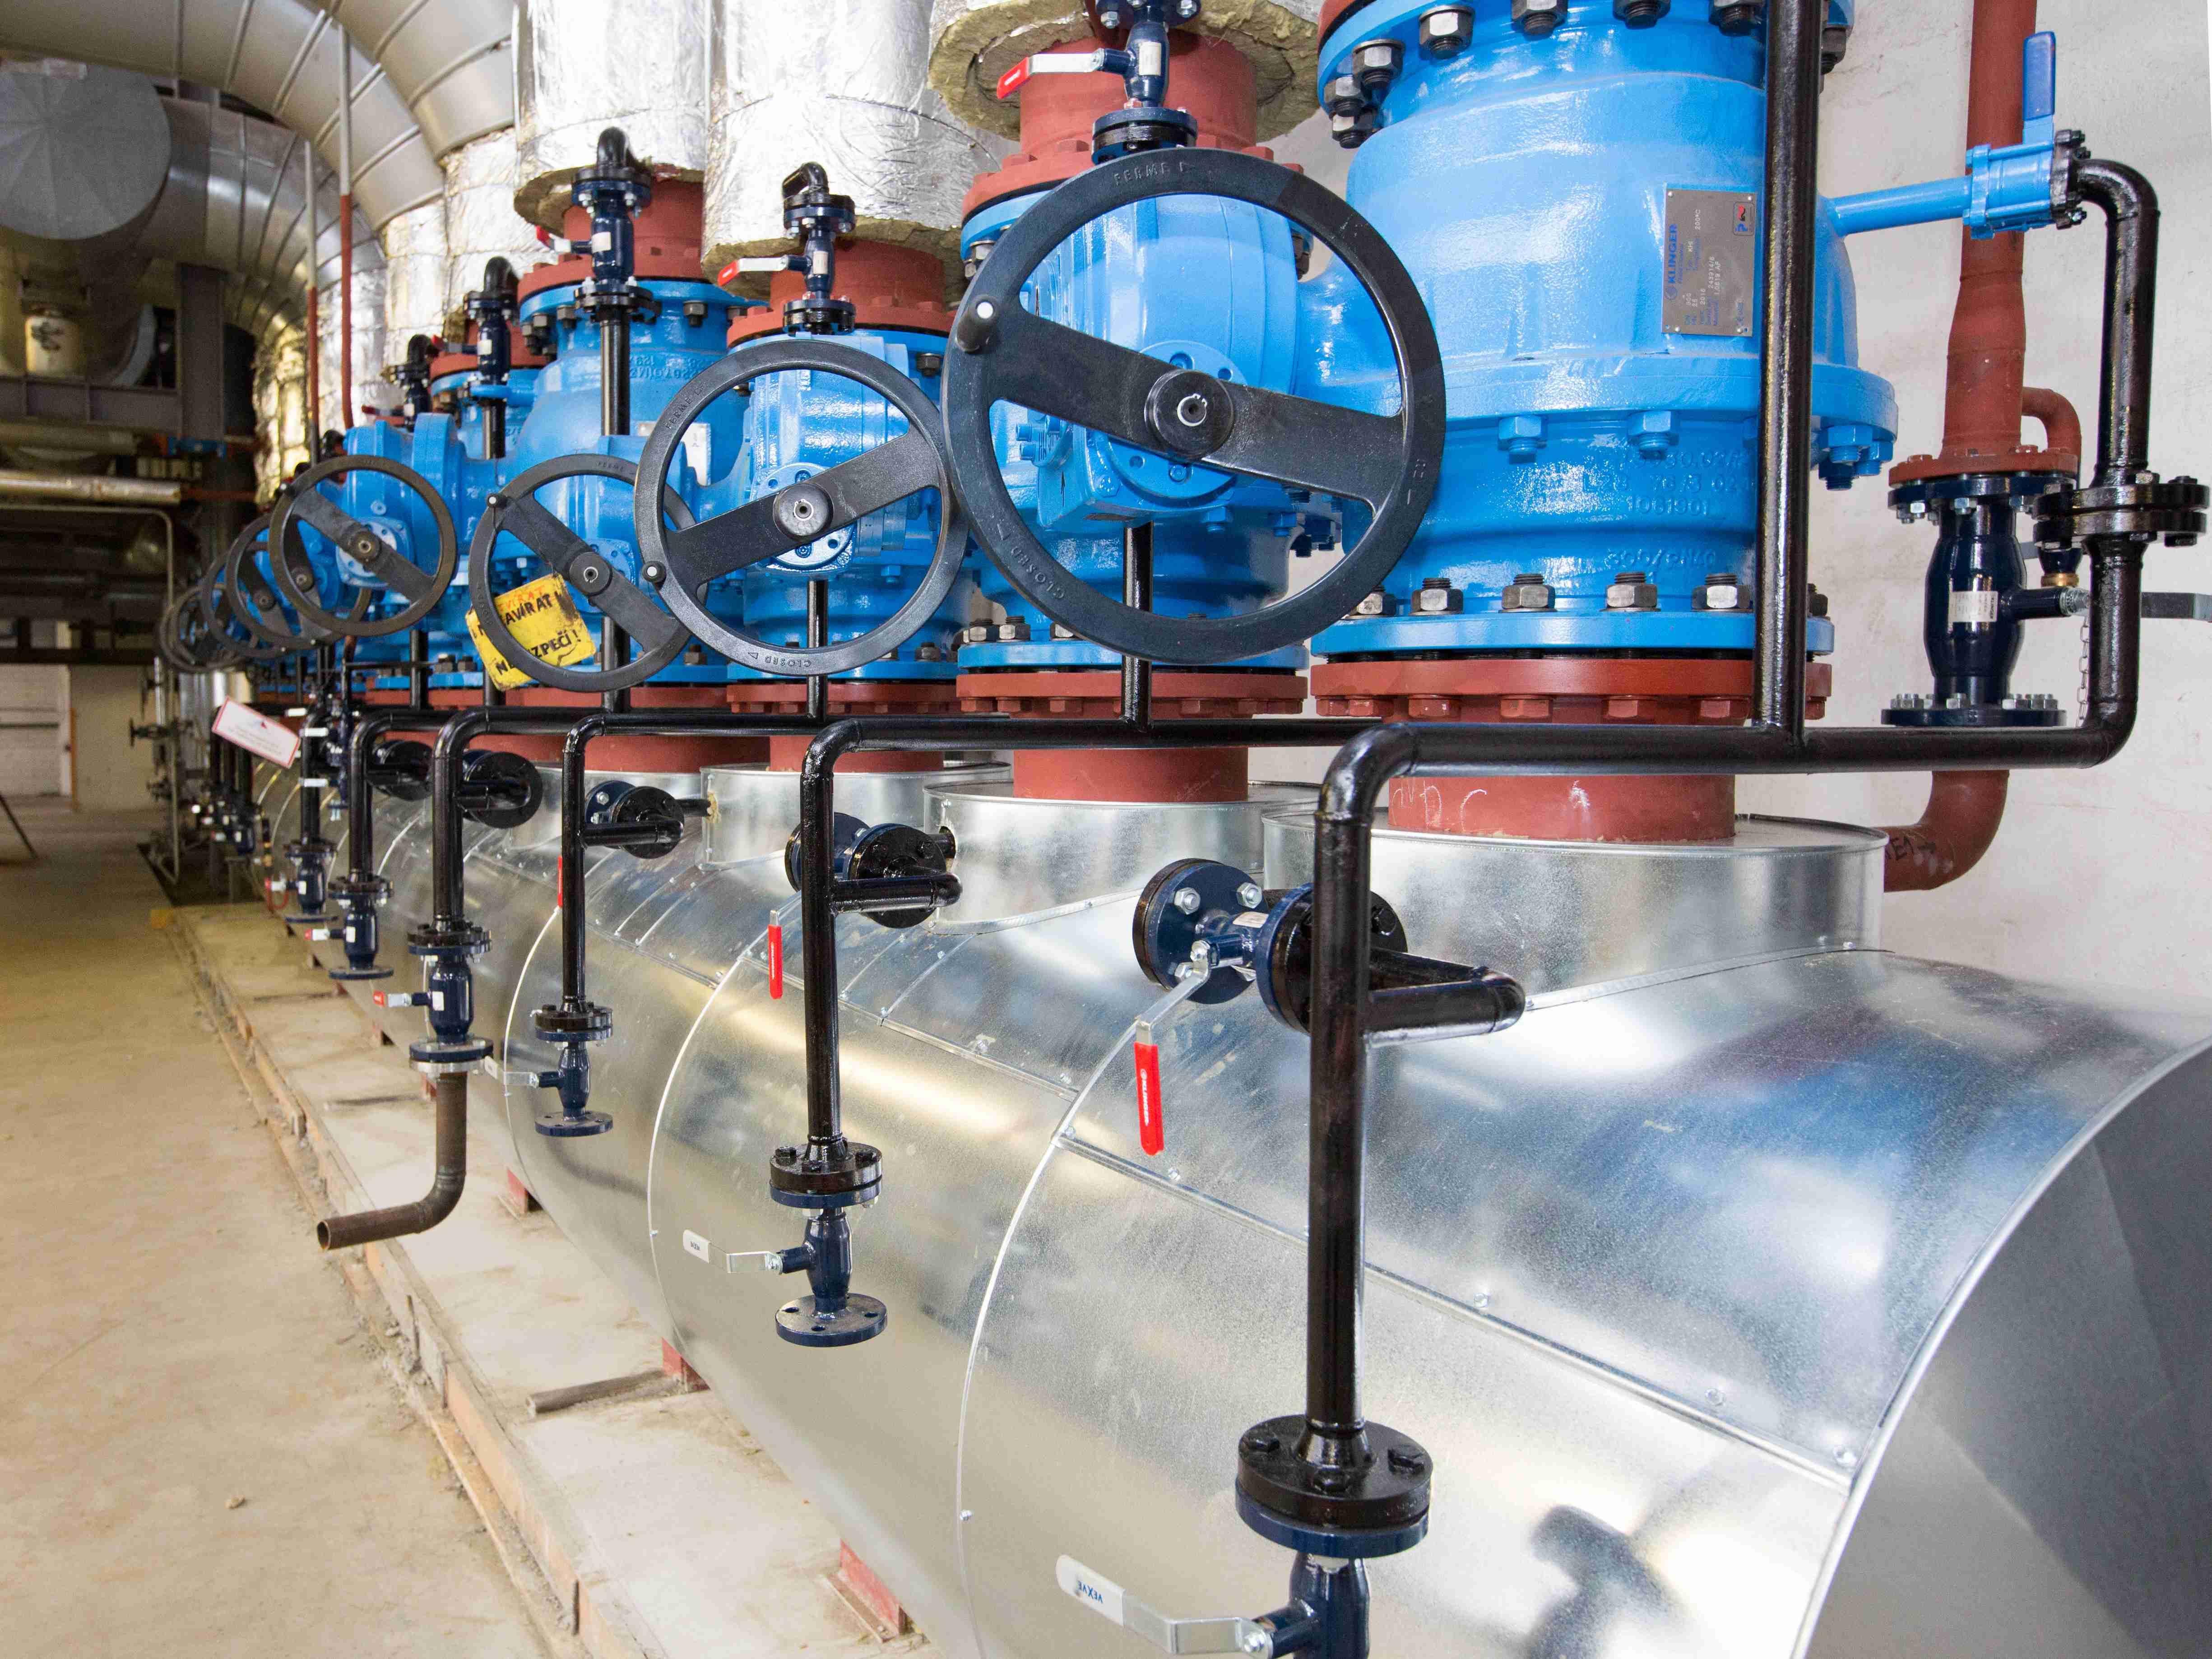 20.07.2020 - Letošní odstávky teplé vody opět kratší